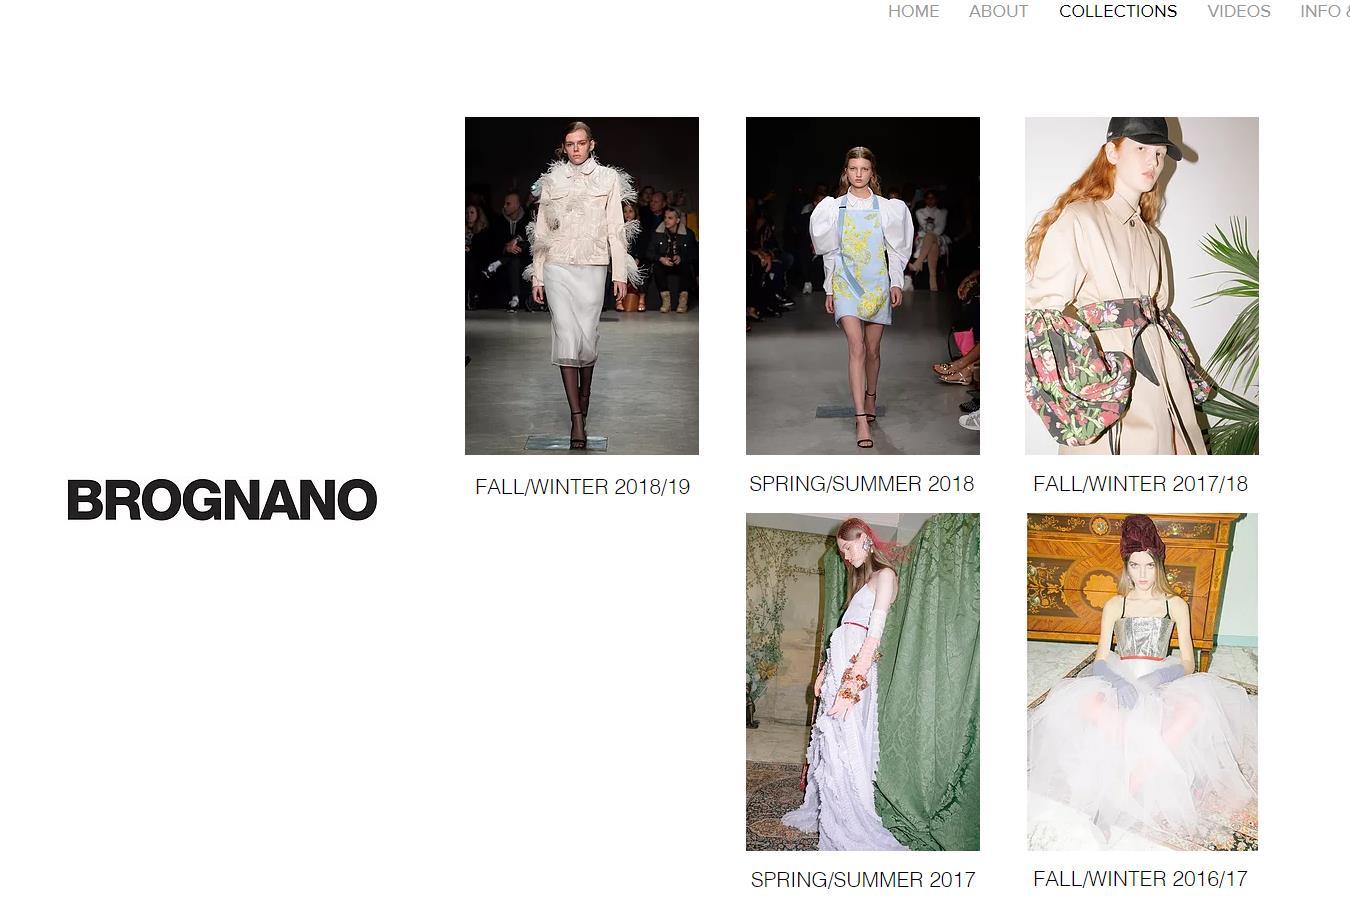 意大利服装制造企业 Paoloni 收购时尚品牌 Brognano 35% 的股权